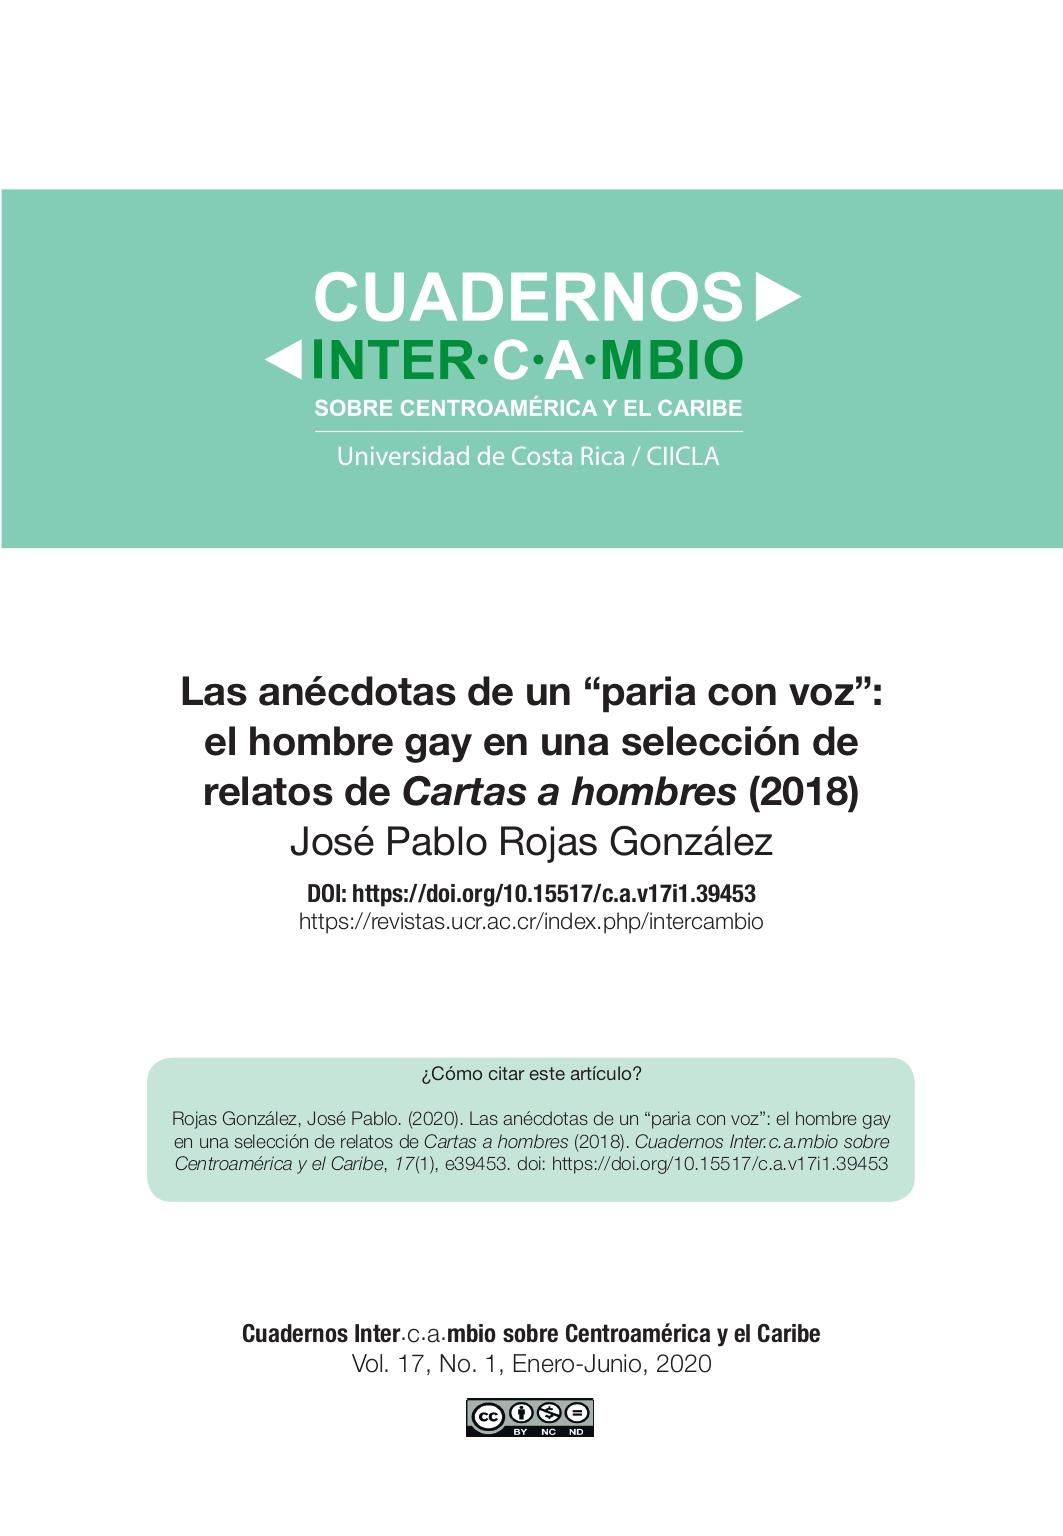 """Anecdota Porno Gay vista de las anécdotas de un """"paria con voz"""": el hombre gay"""